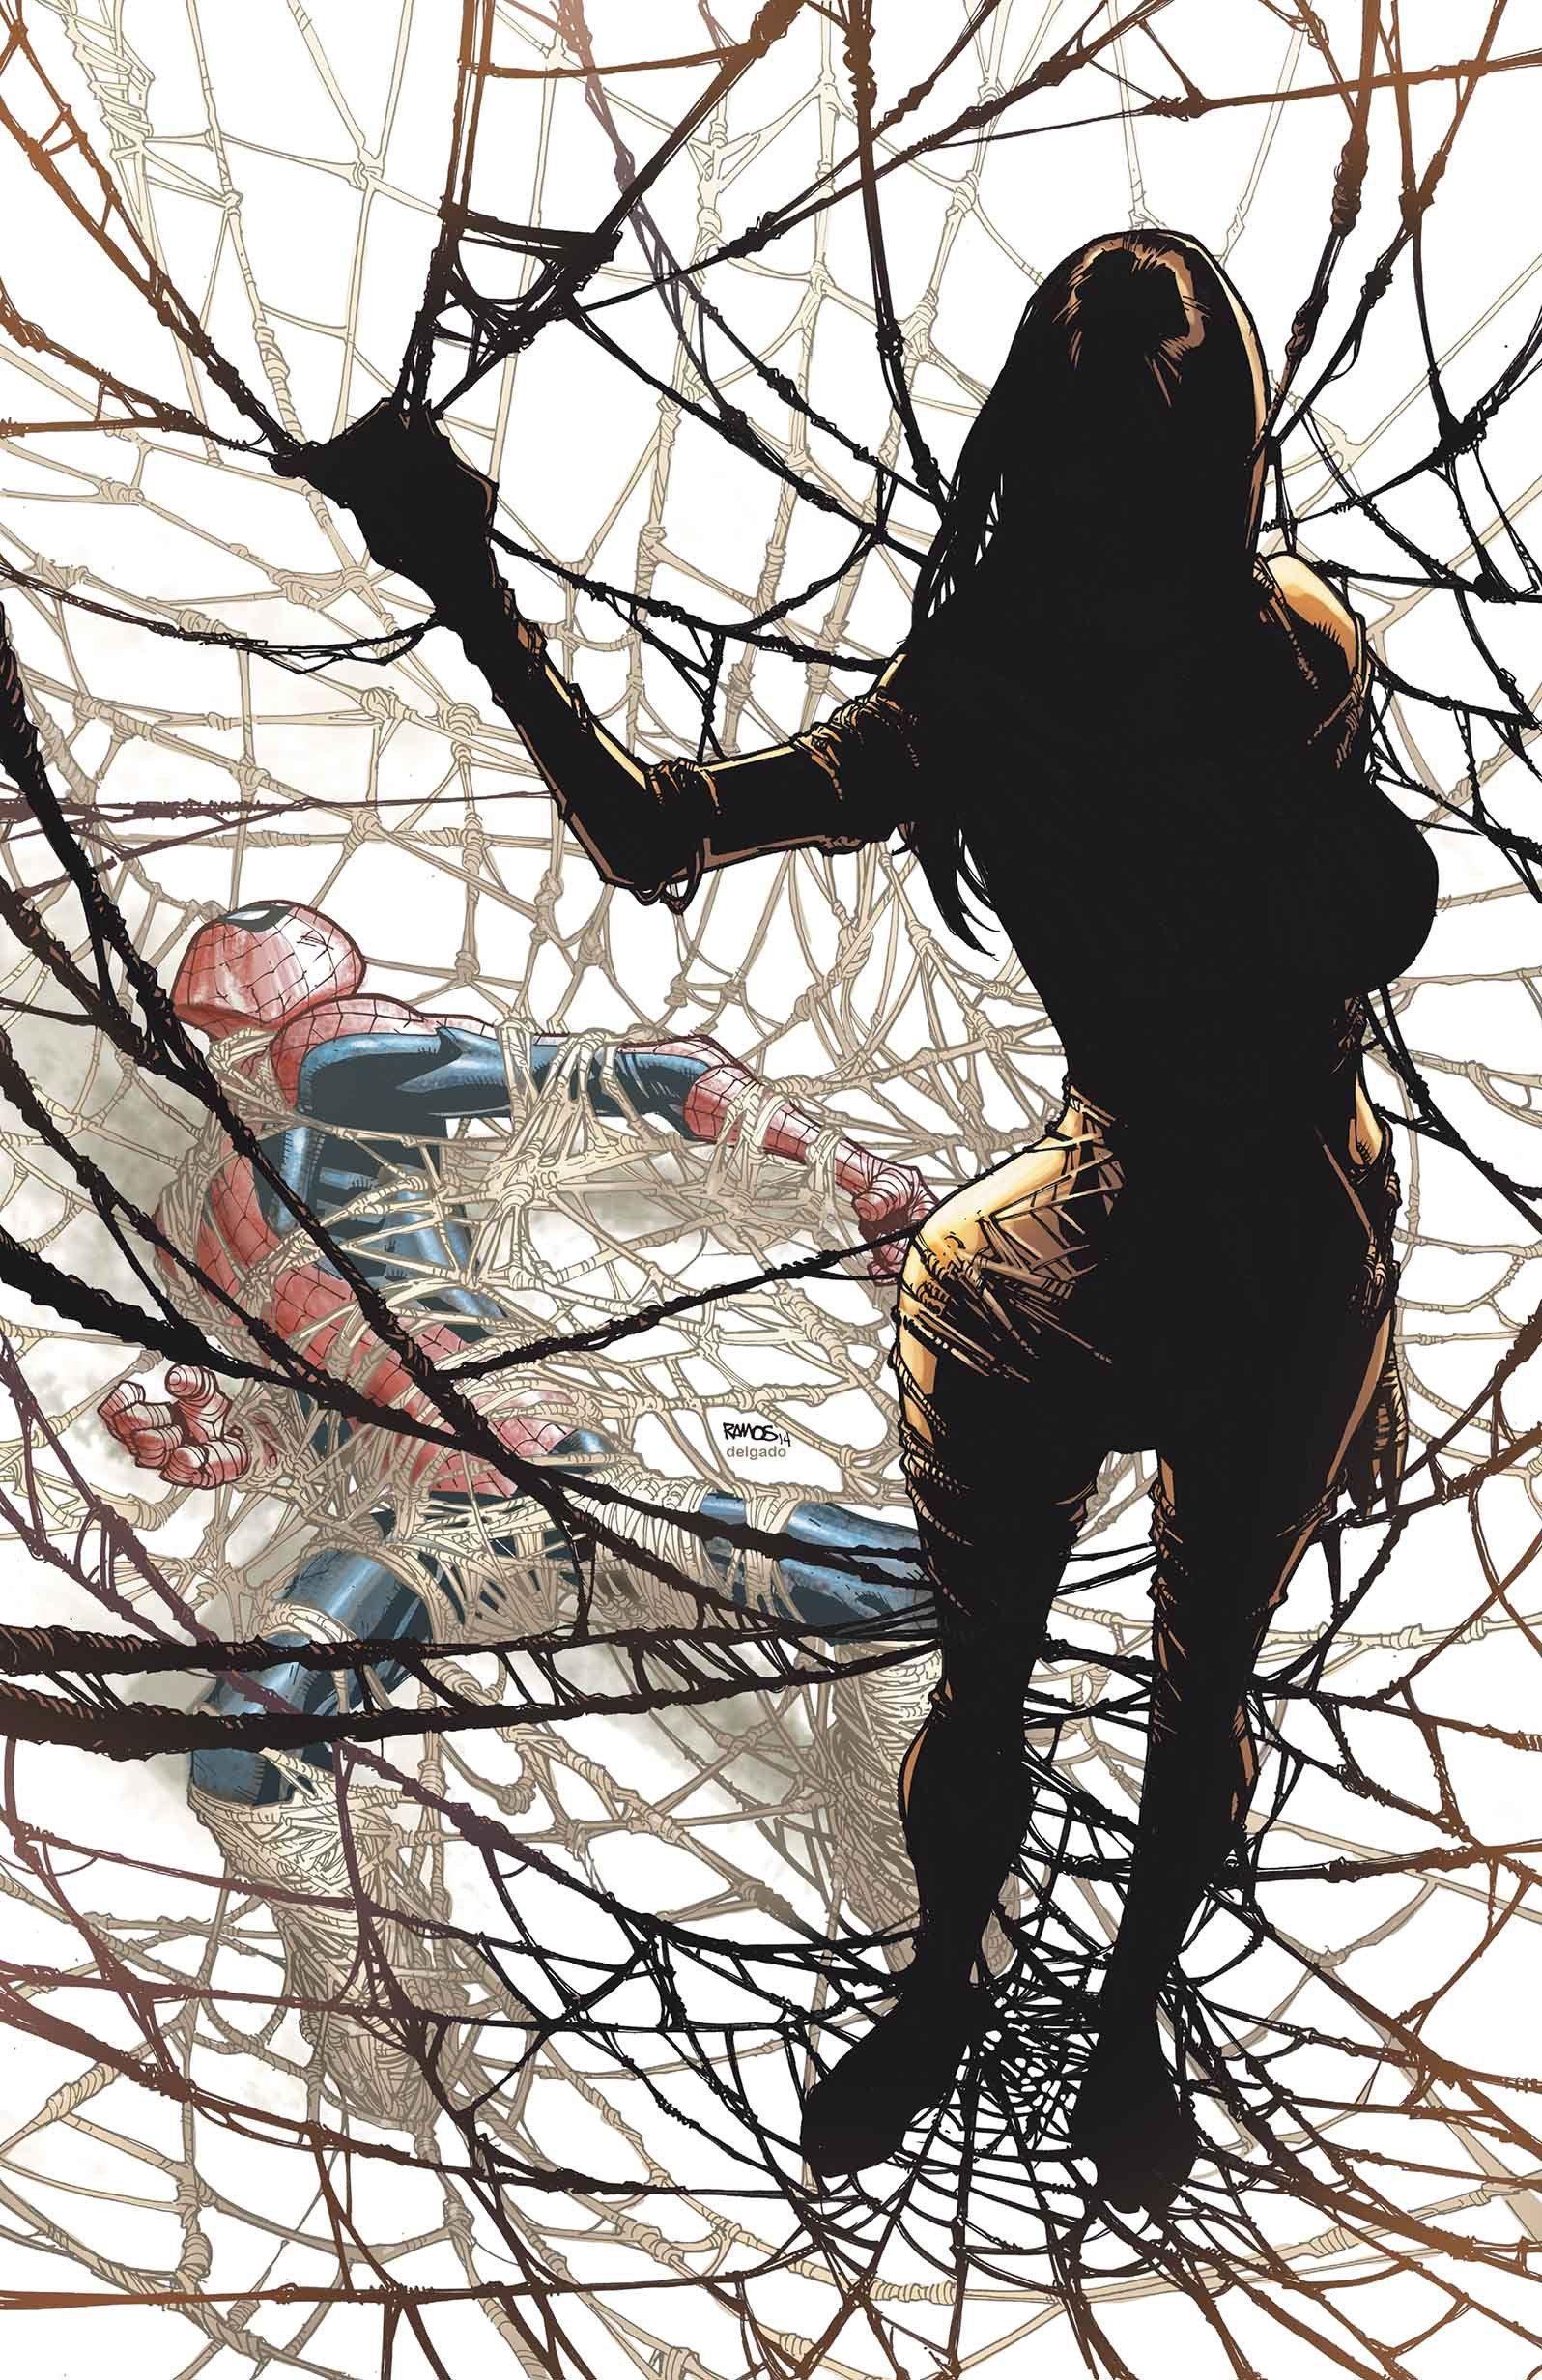 ¿Qué relación existe entre Seda y Spiderman?